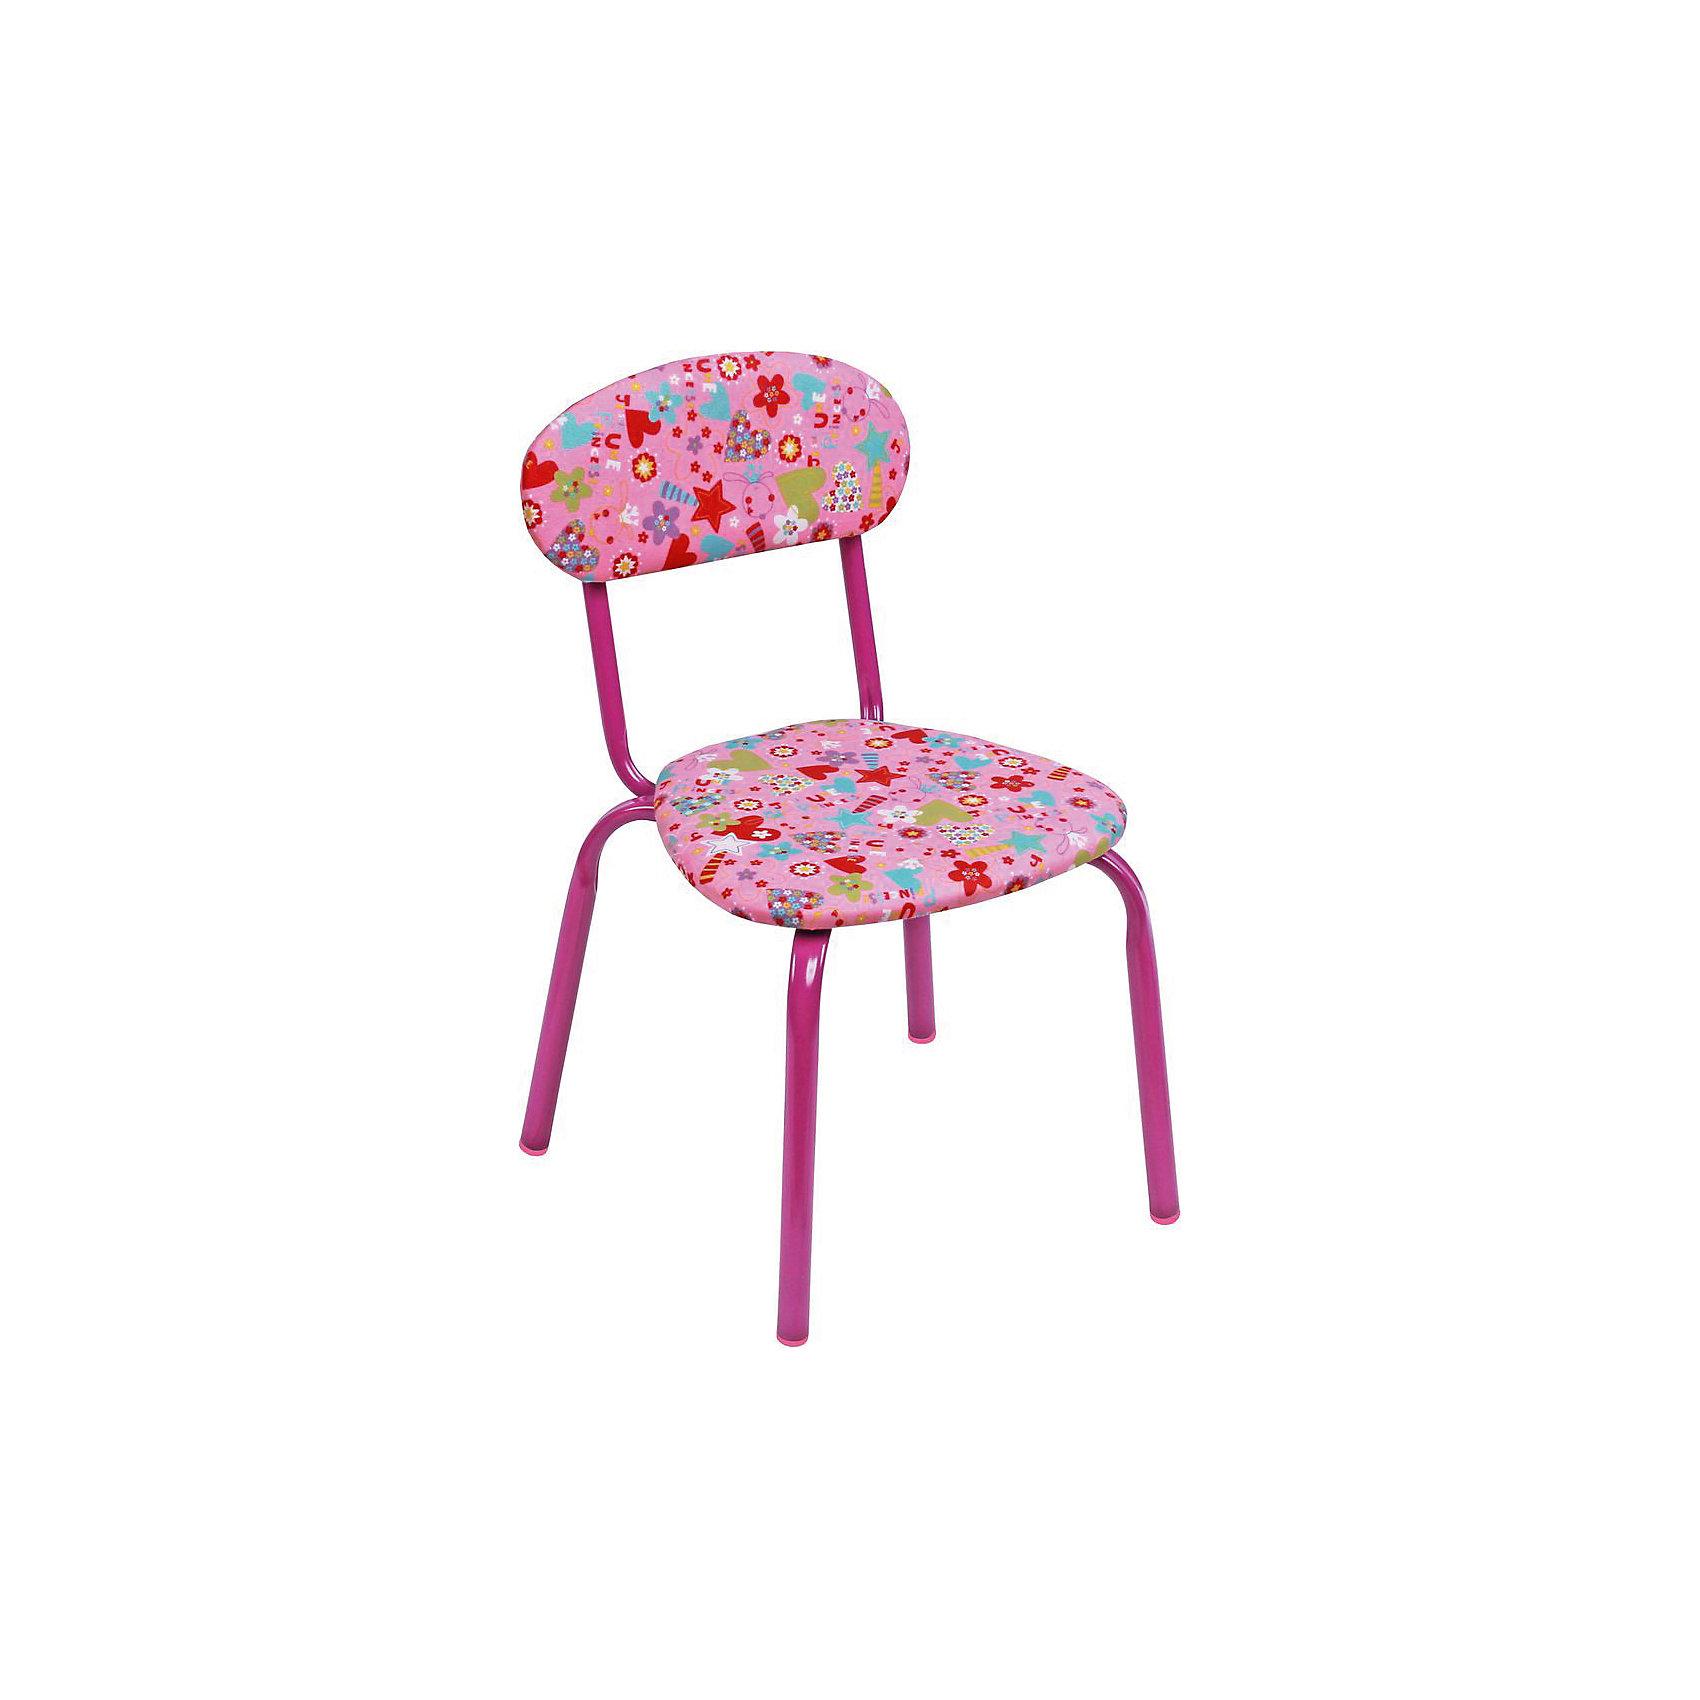 Ника Стул СТУ5. Сердечки, Ника, розовый ника голубой складной стул сердечки